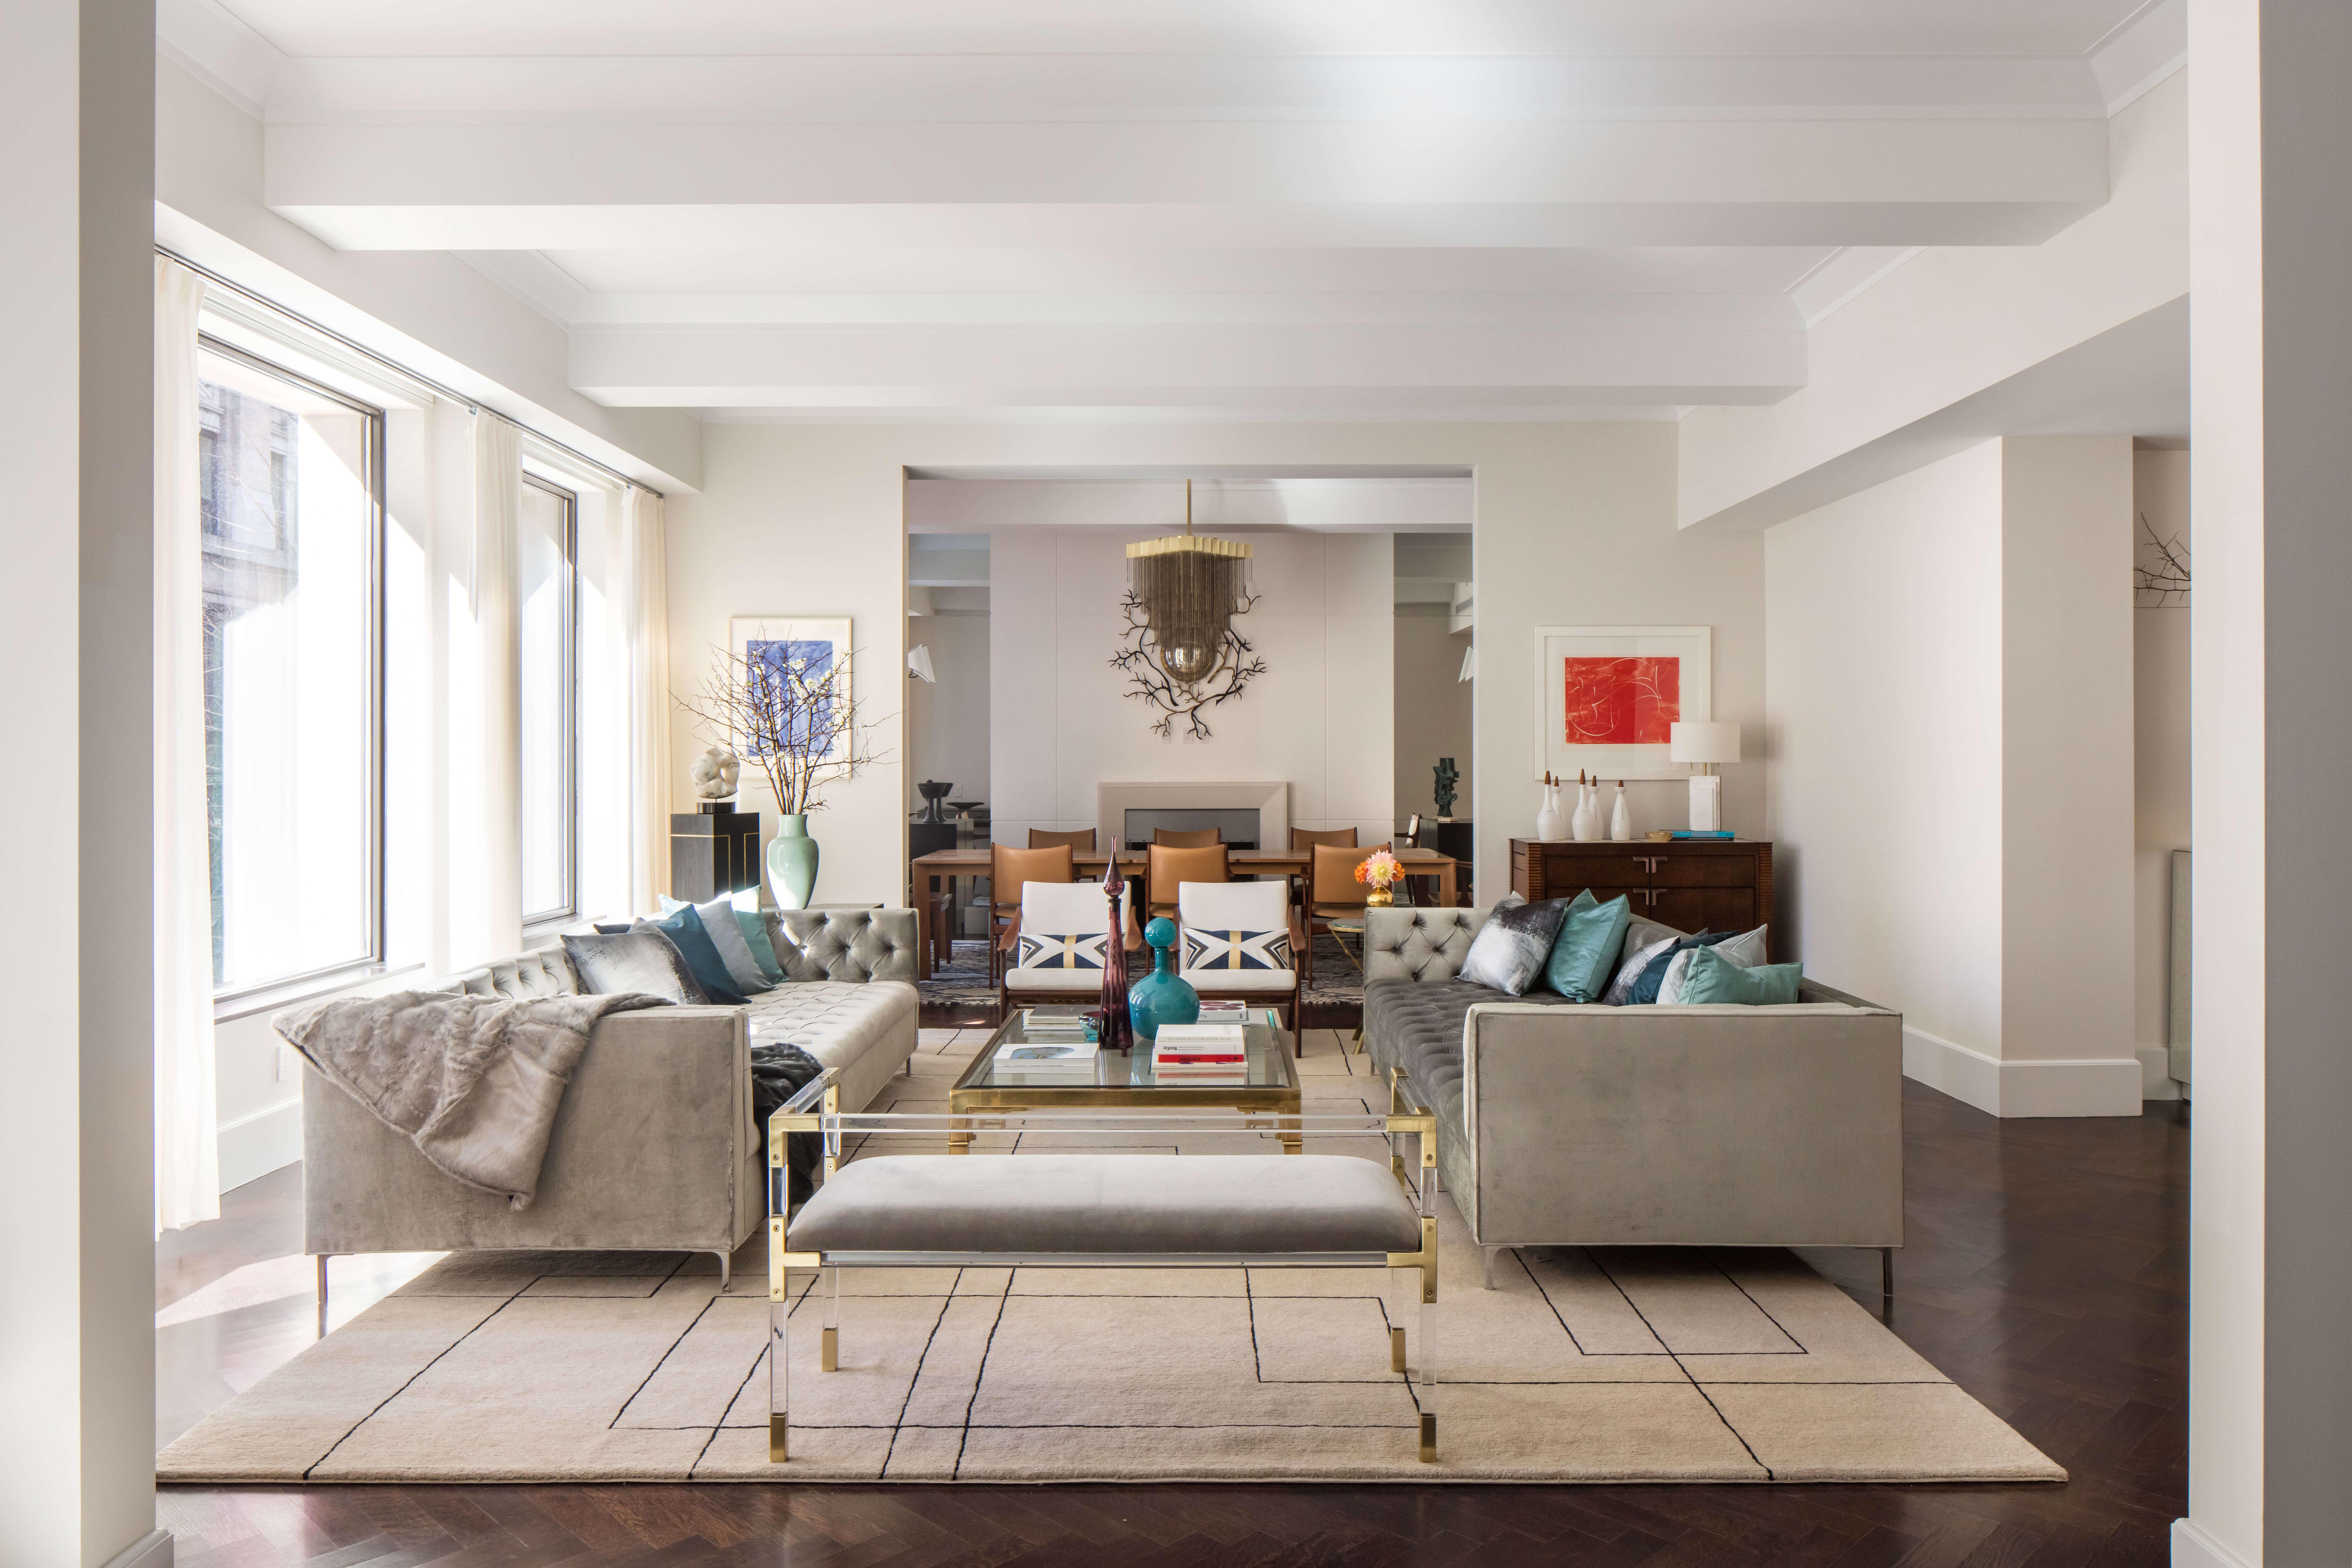 nicole-fuller-interior-design-union-square-6